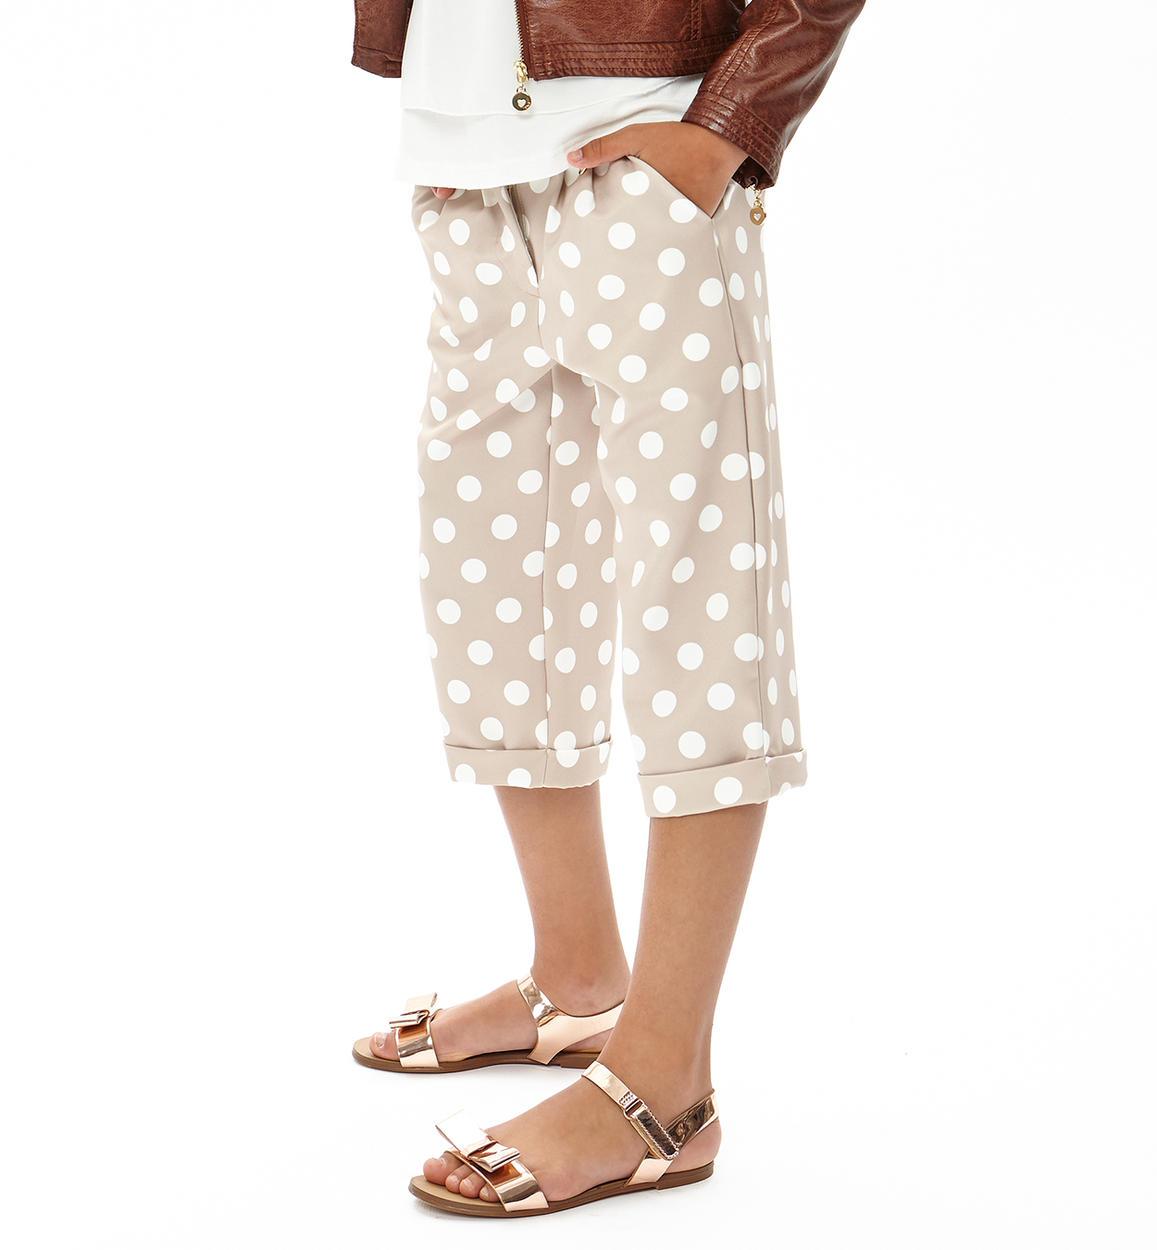 nuovo concetto 1d445 4d8b9 Pantalone modello giorgione con stampa a pois per bambina da 3 a 16 anni iDO